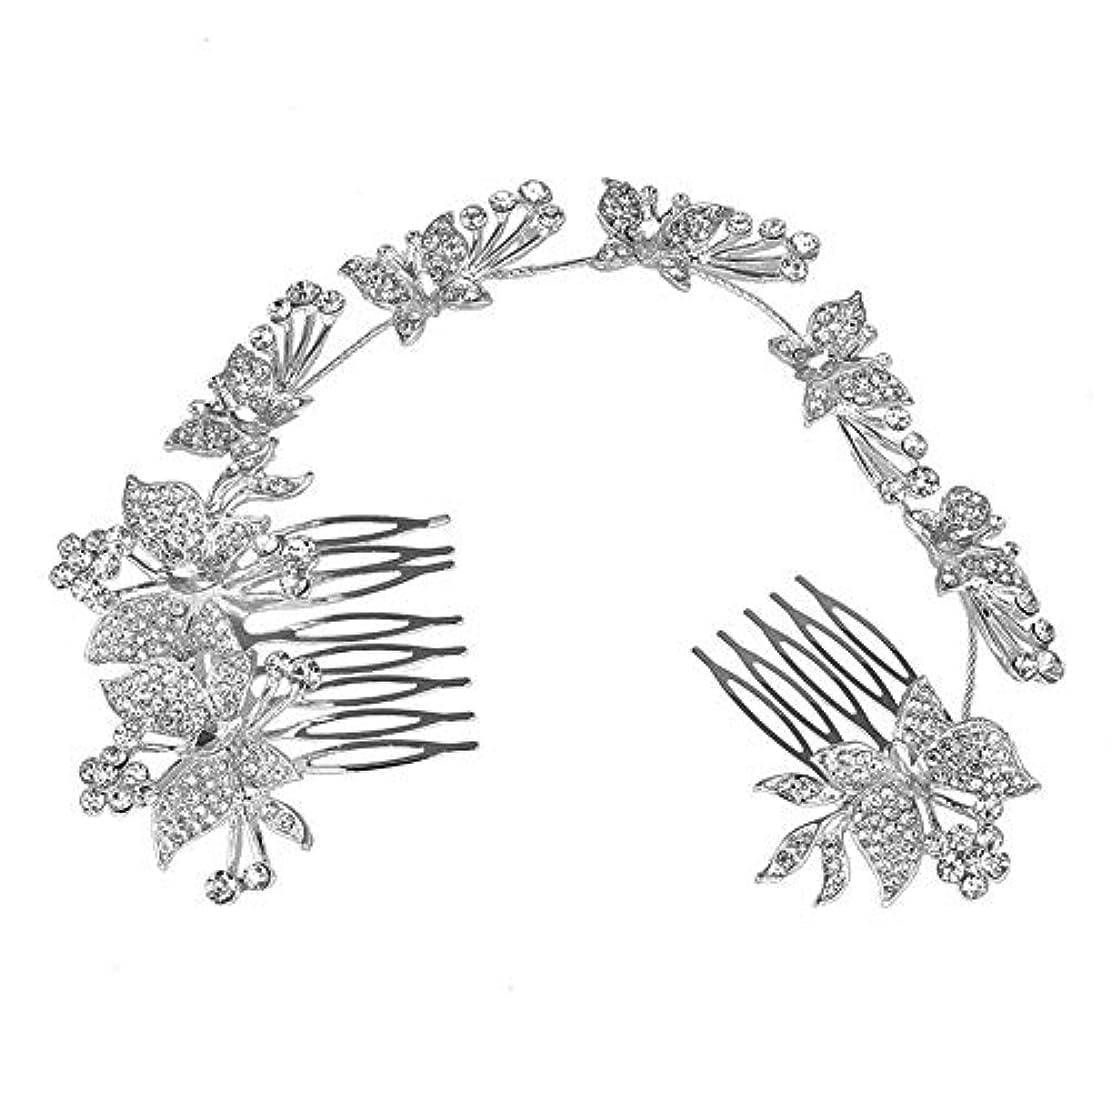 差し控える同化未就学髪の櫛、櫛、蝶、髪の櫛、ブライダル髪の櫛、結婚式の髪の櫛、ラインストーンの櫛、ヘッドギア